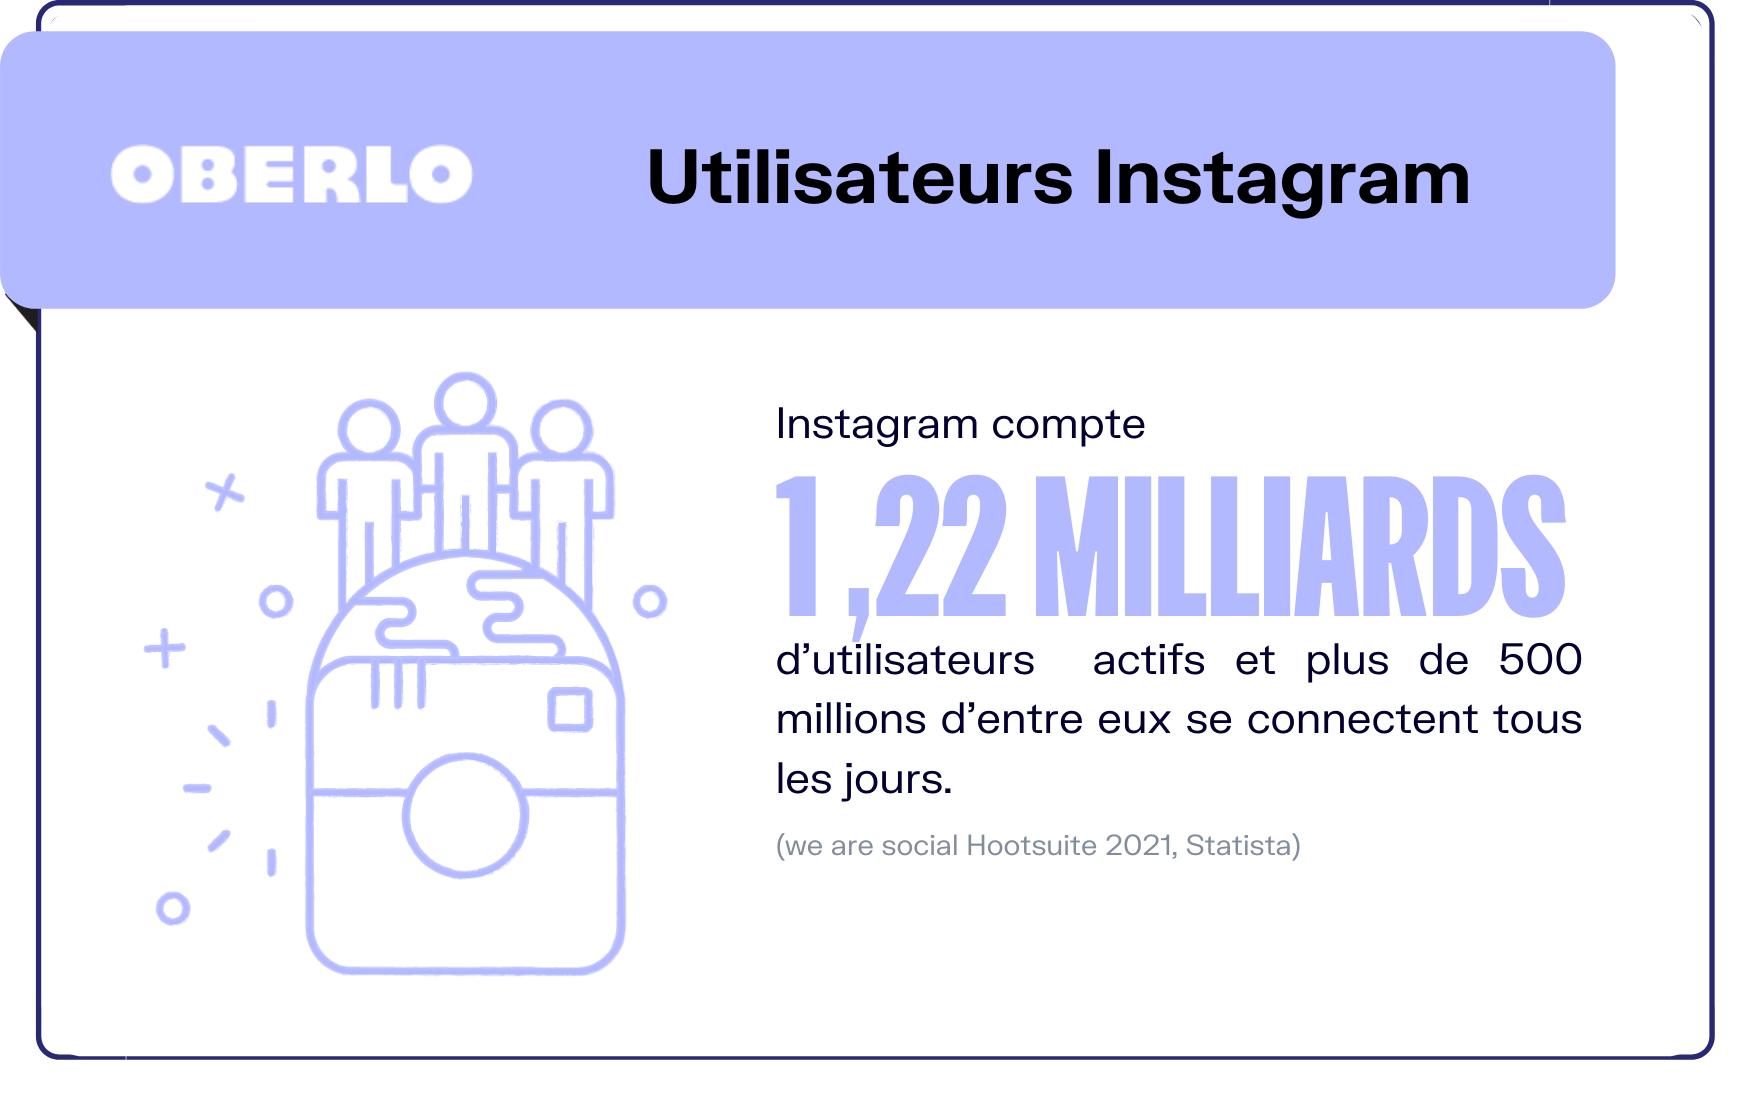 nombre utilisateurs instagram